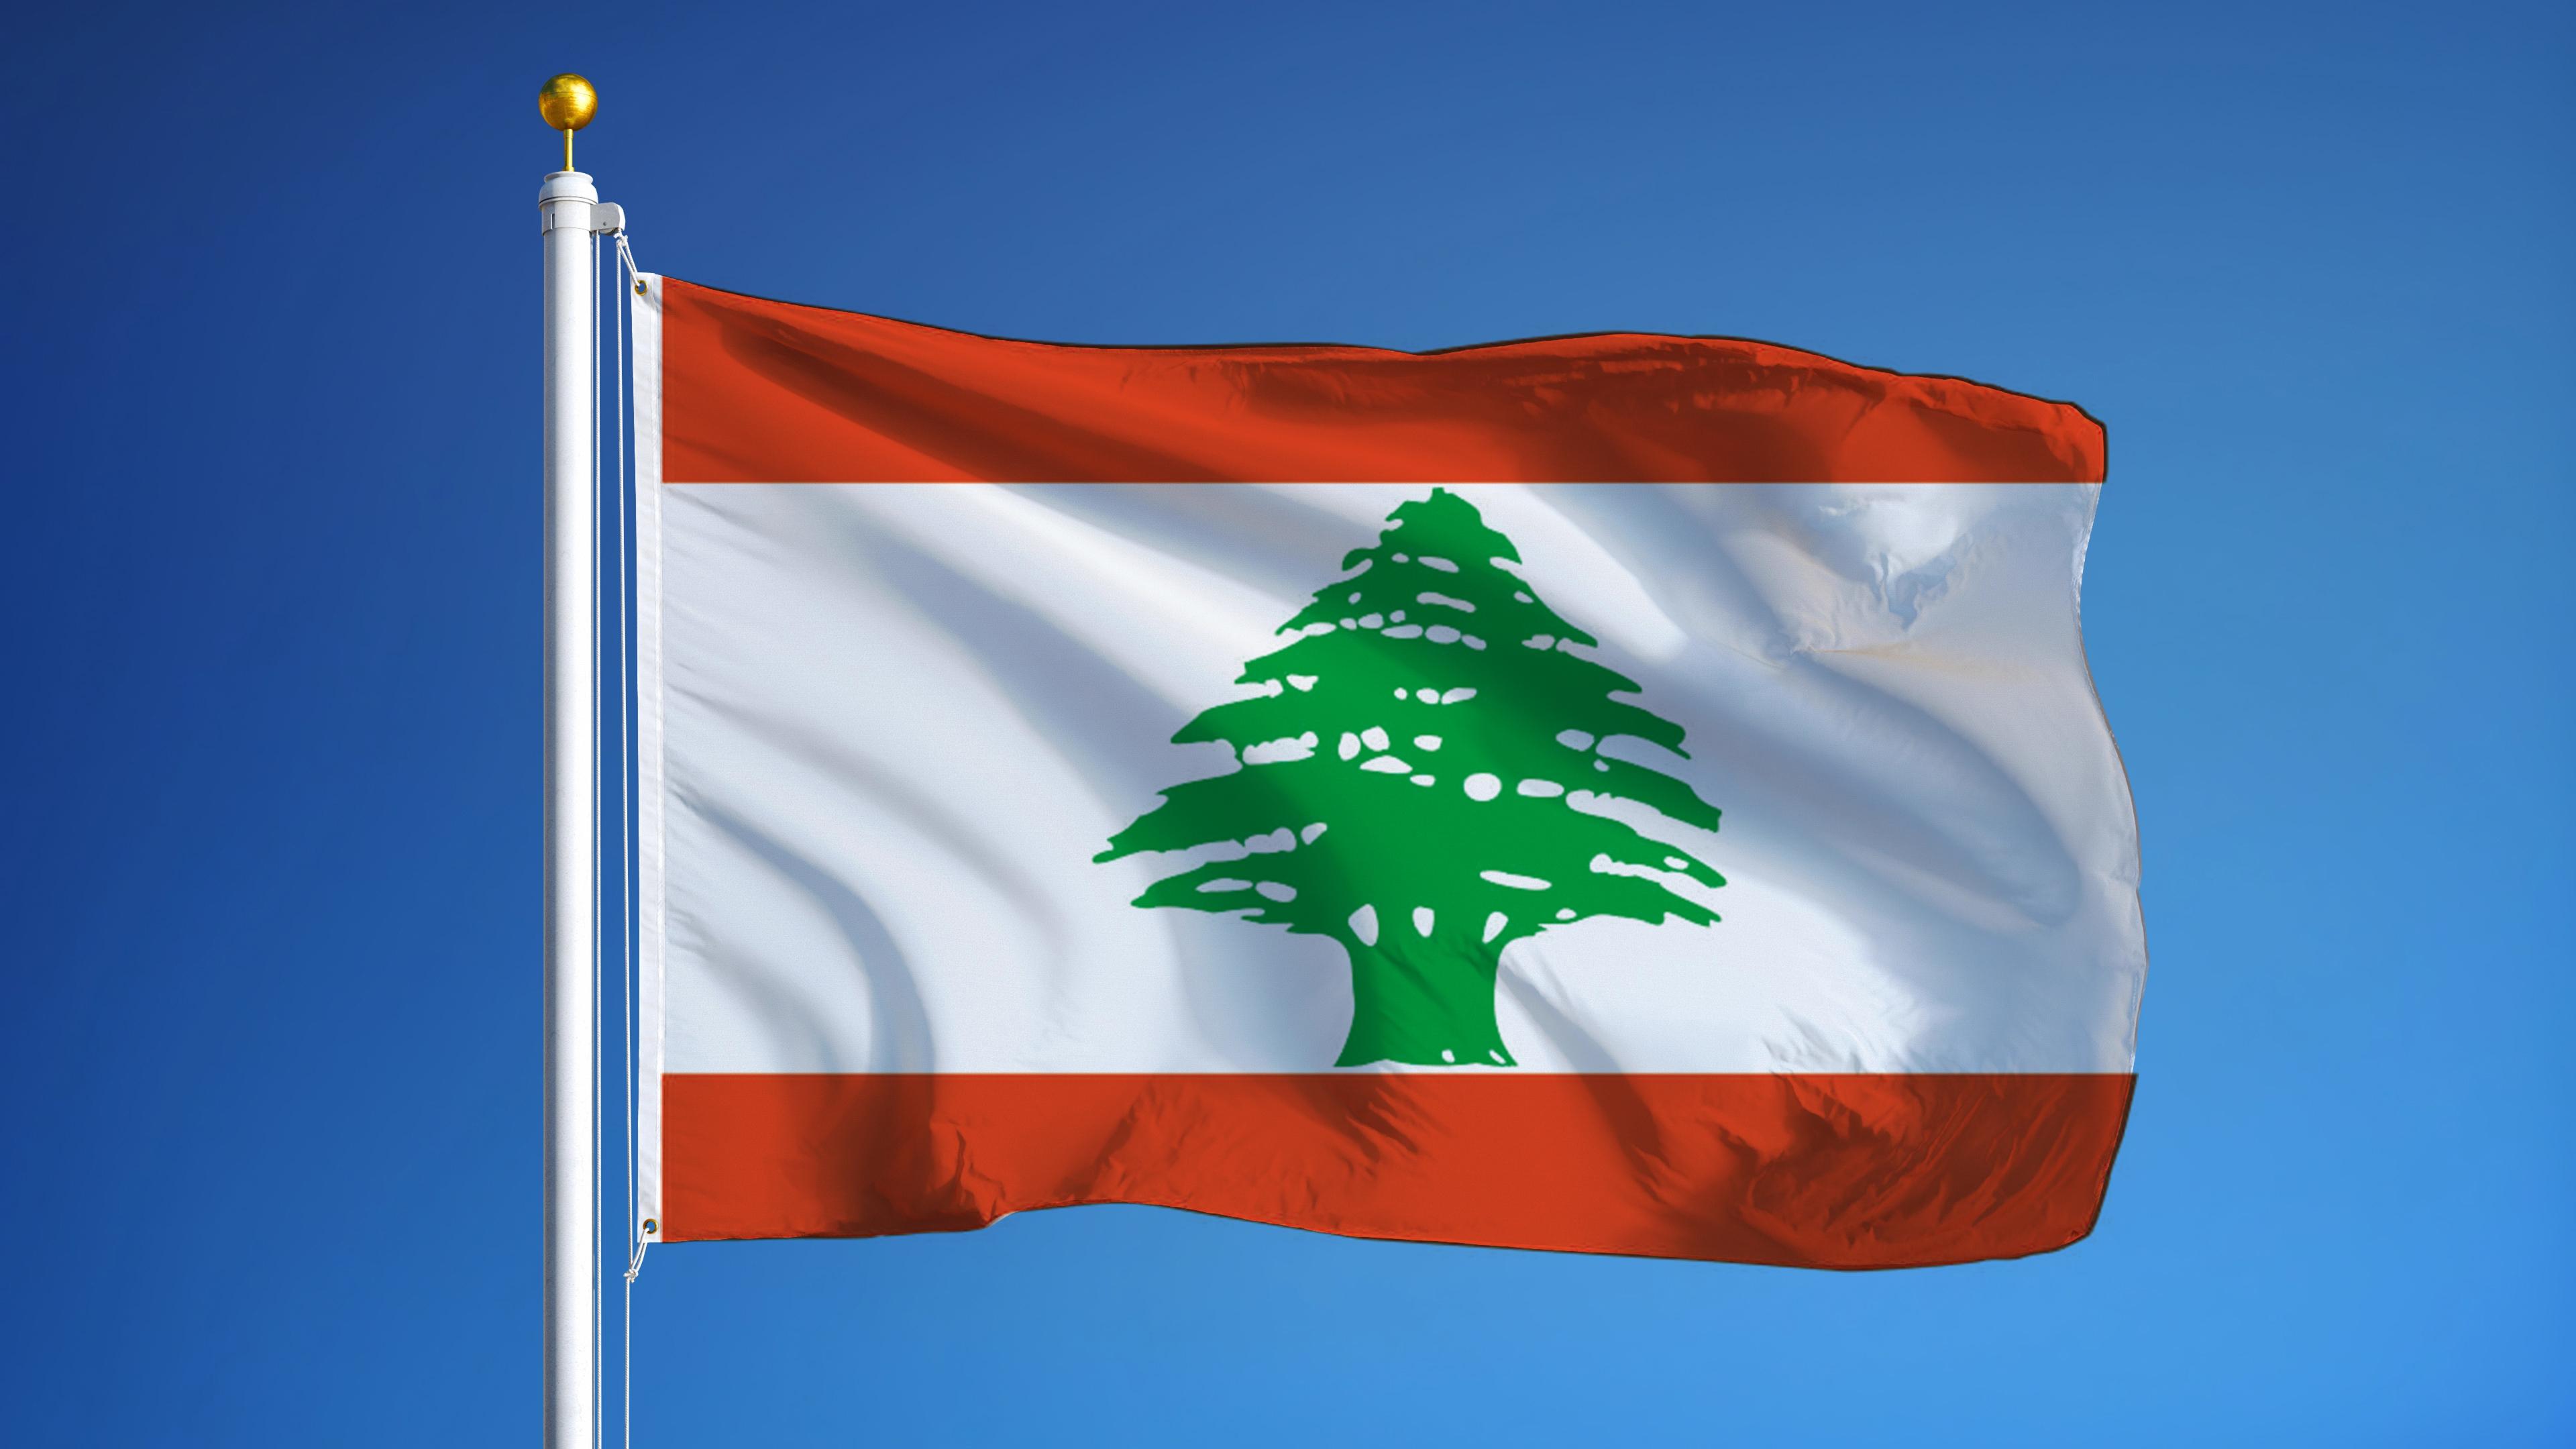 Lübnan'ınBaşkenti ve Para Birimi Nedir? Lübnan'ınBayrağı Nasıldır?